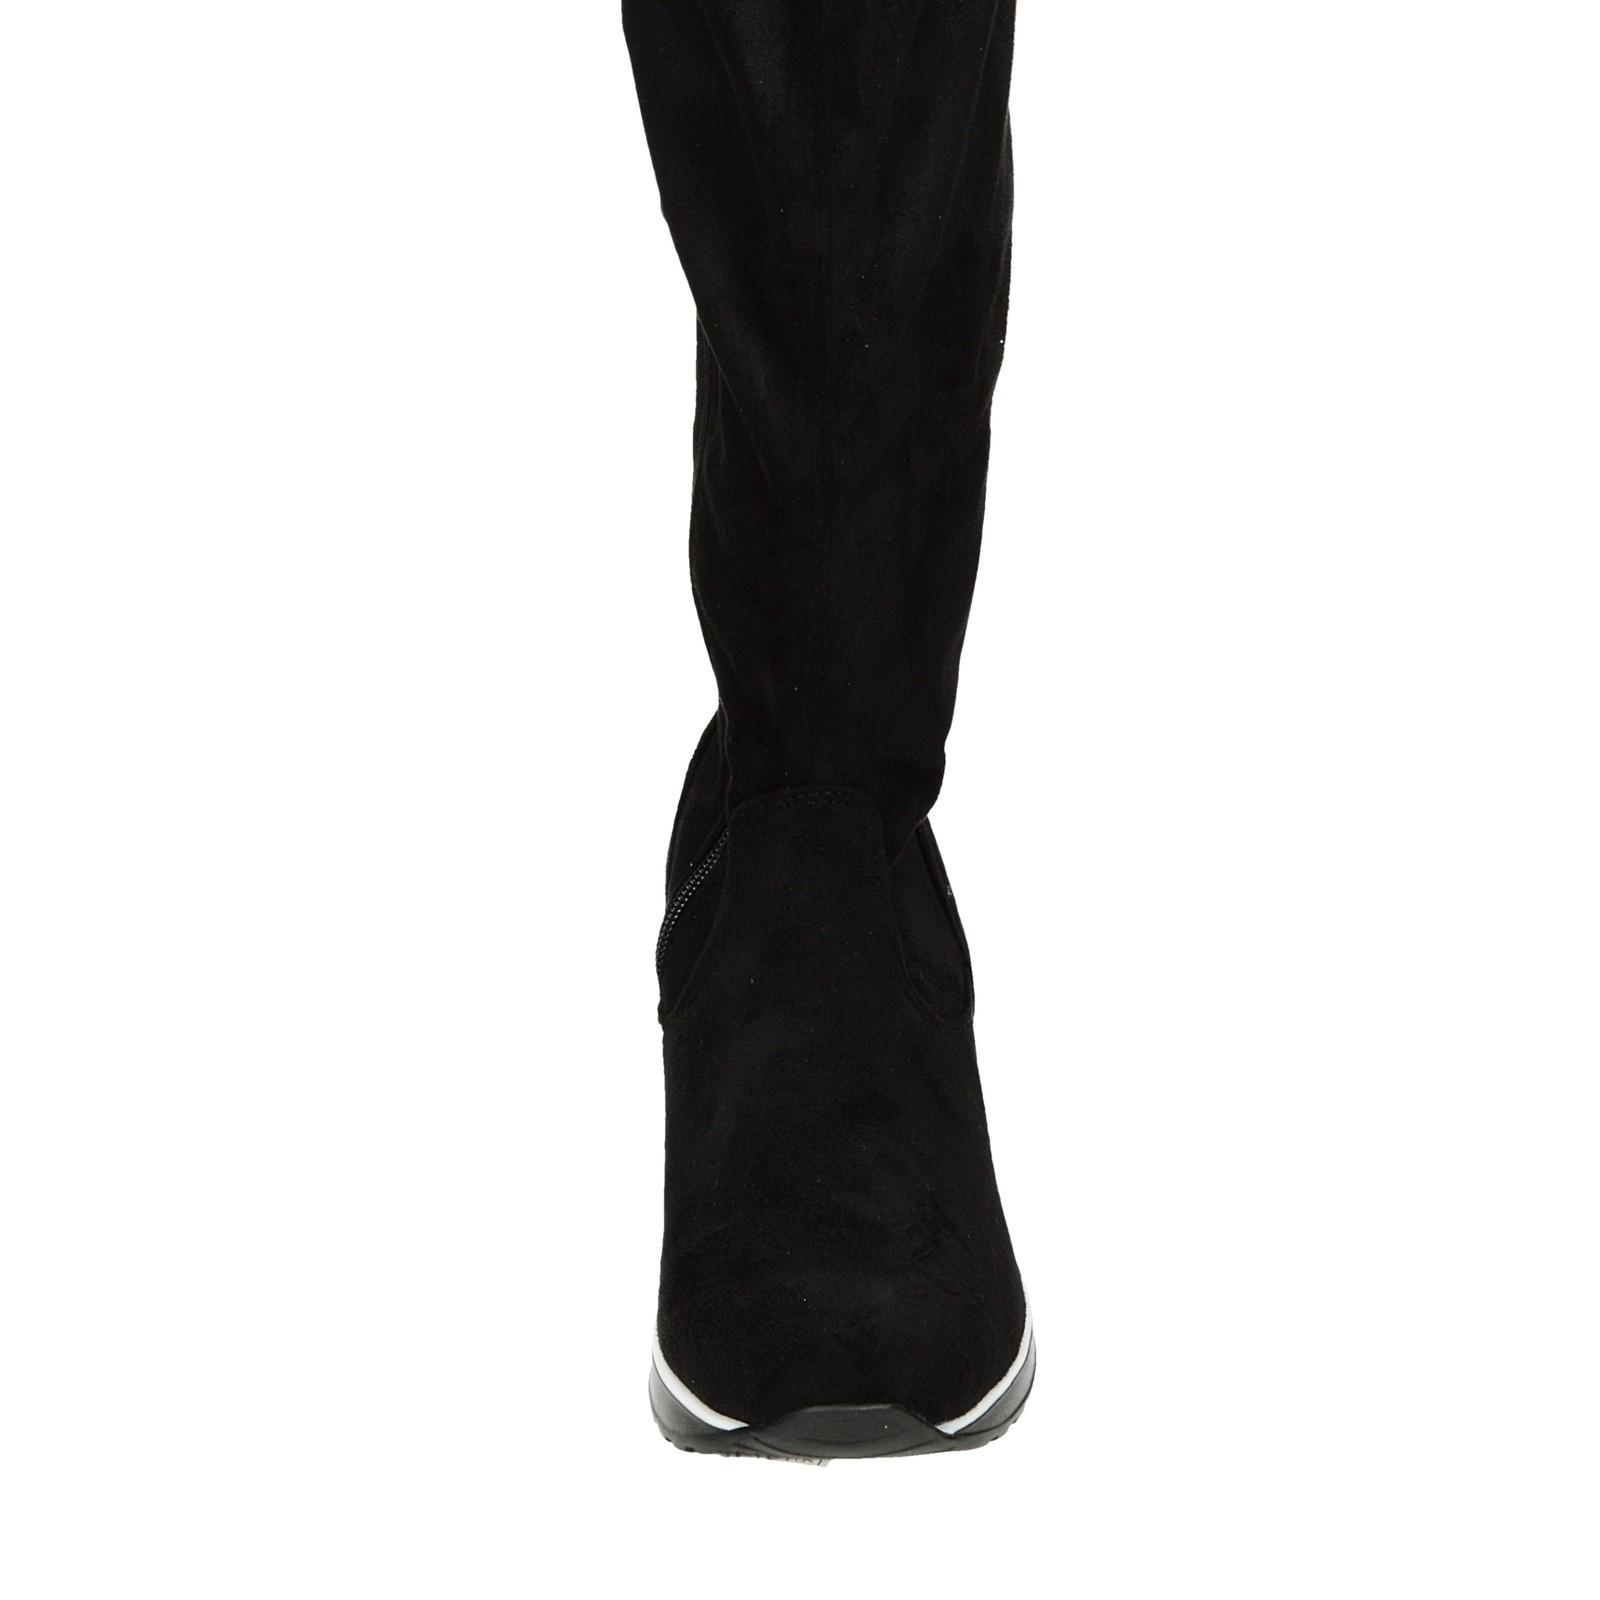 7c65c6801f Olivia shoes dámske vysoké semišové čižmy - čierne ...